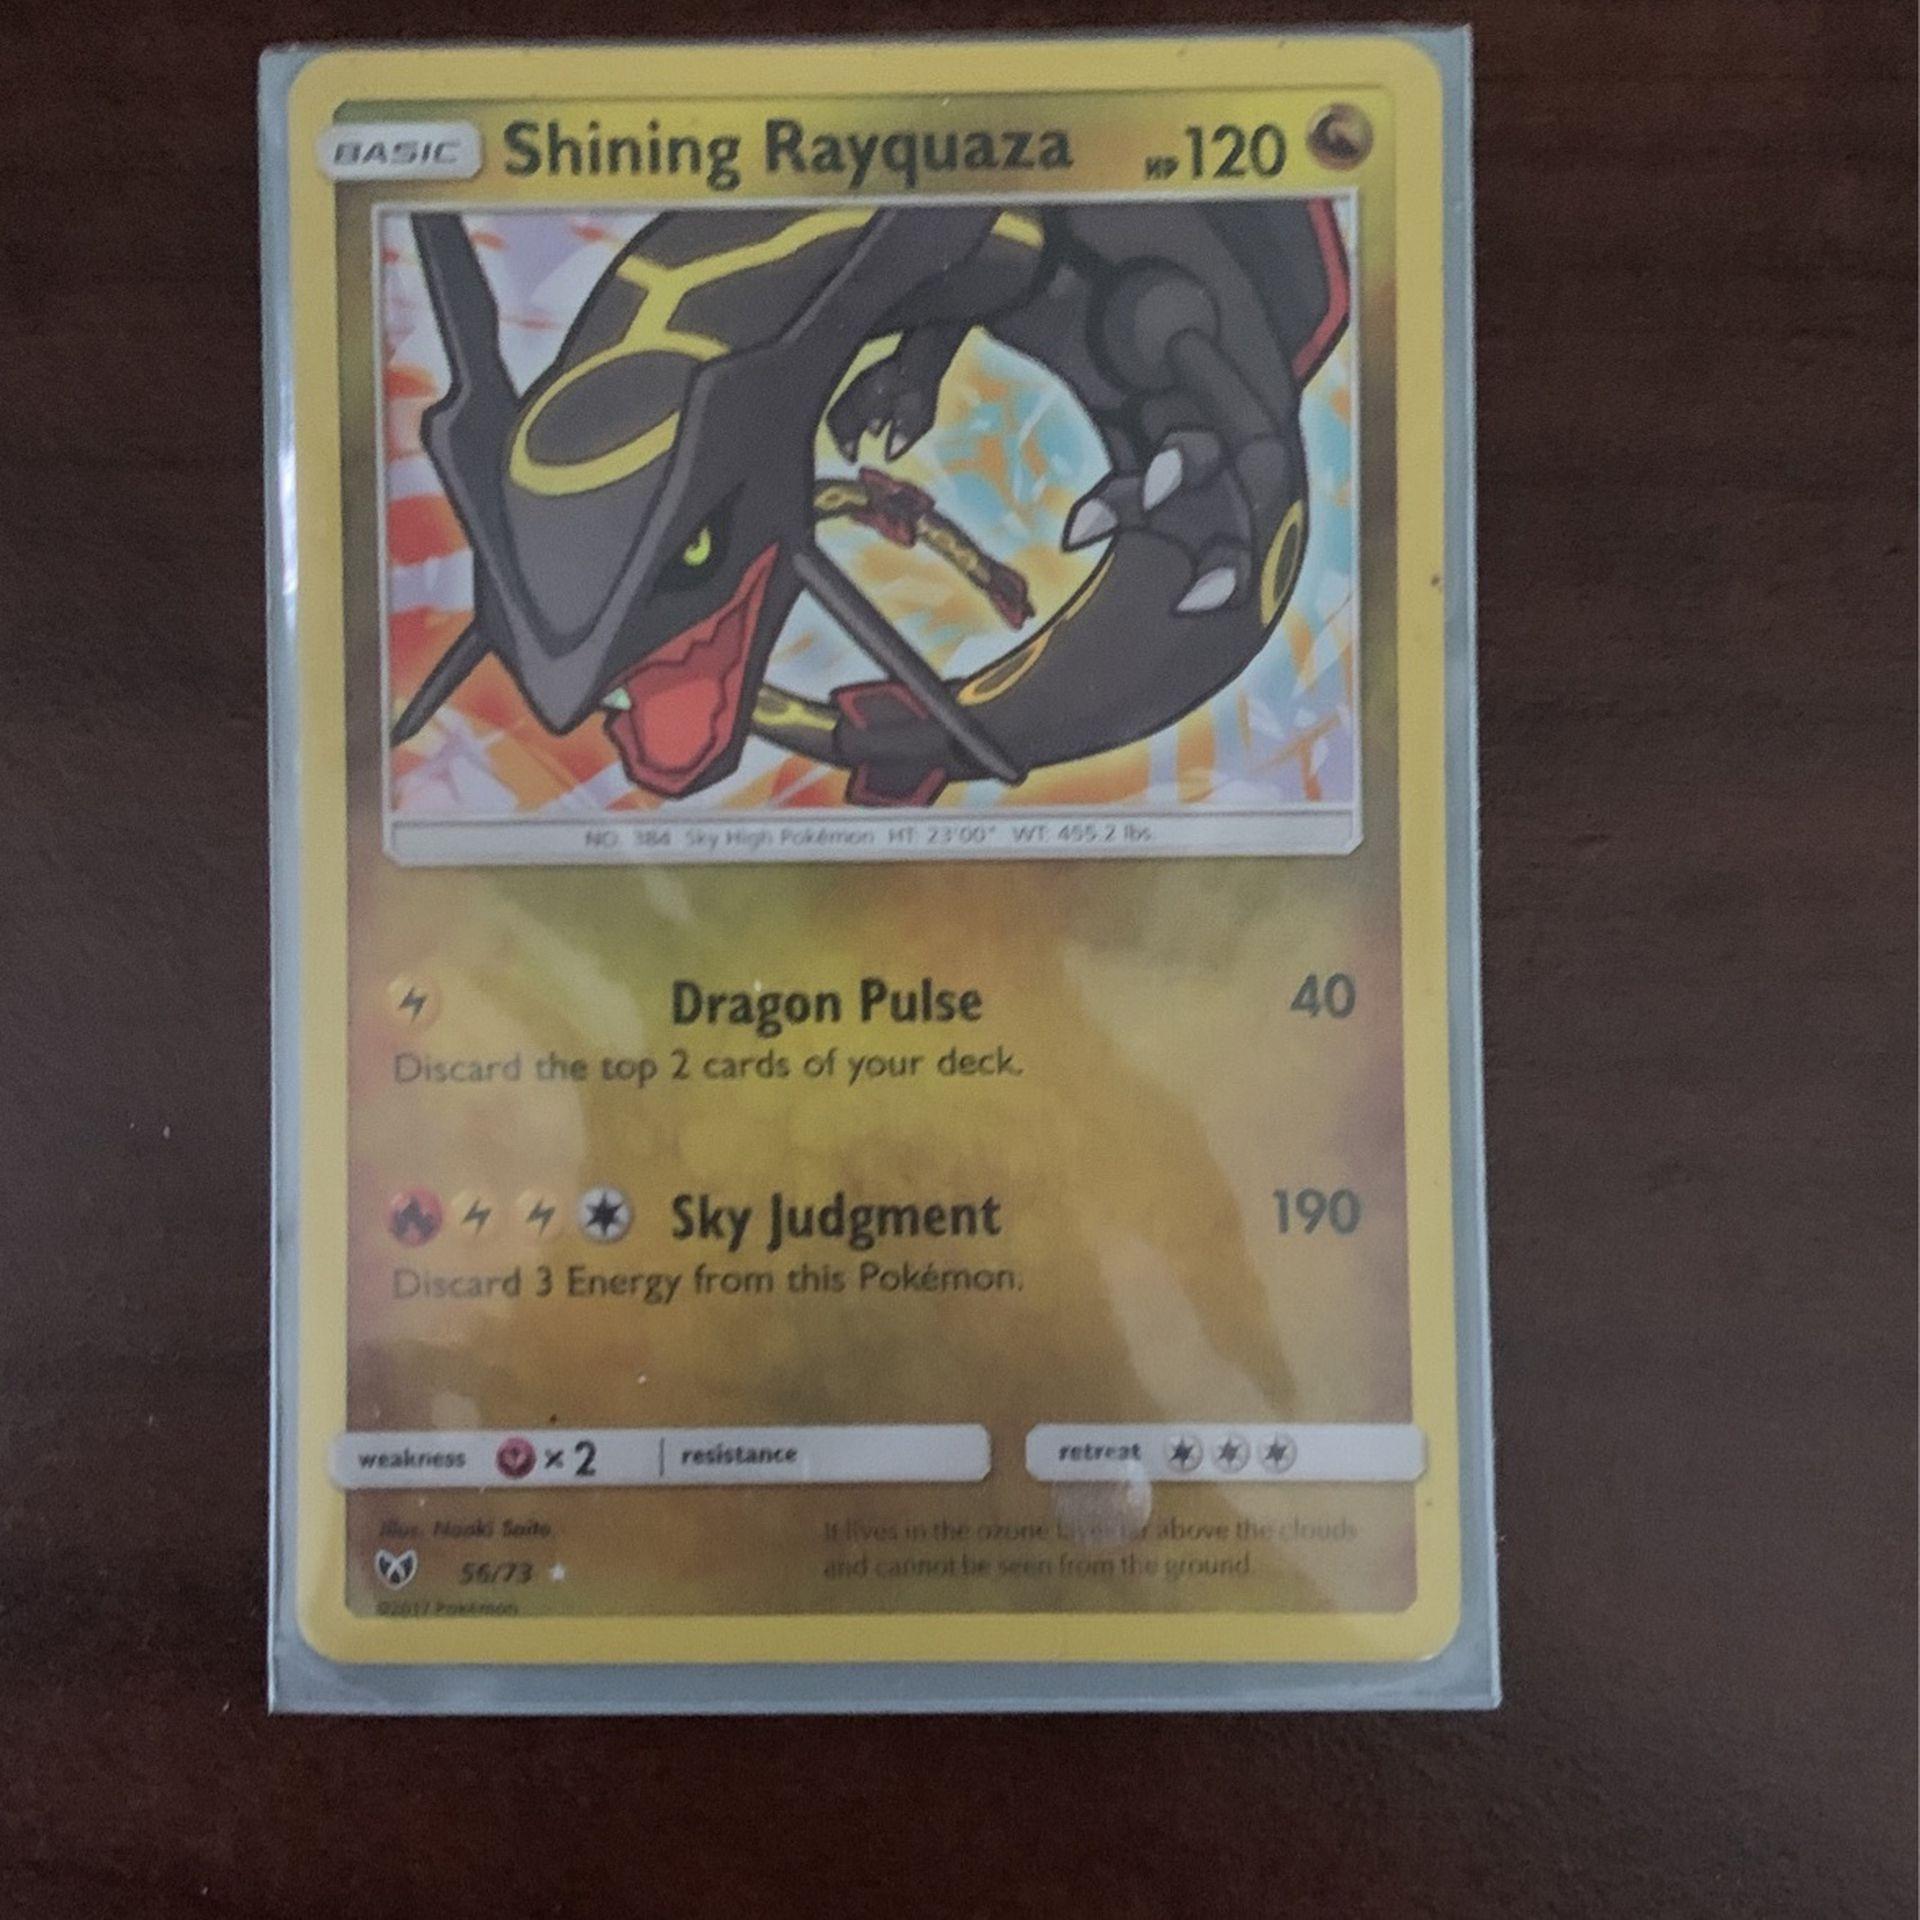 Shining Rayqauza